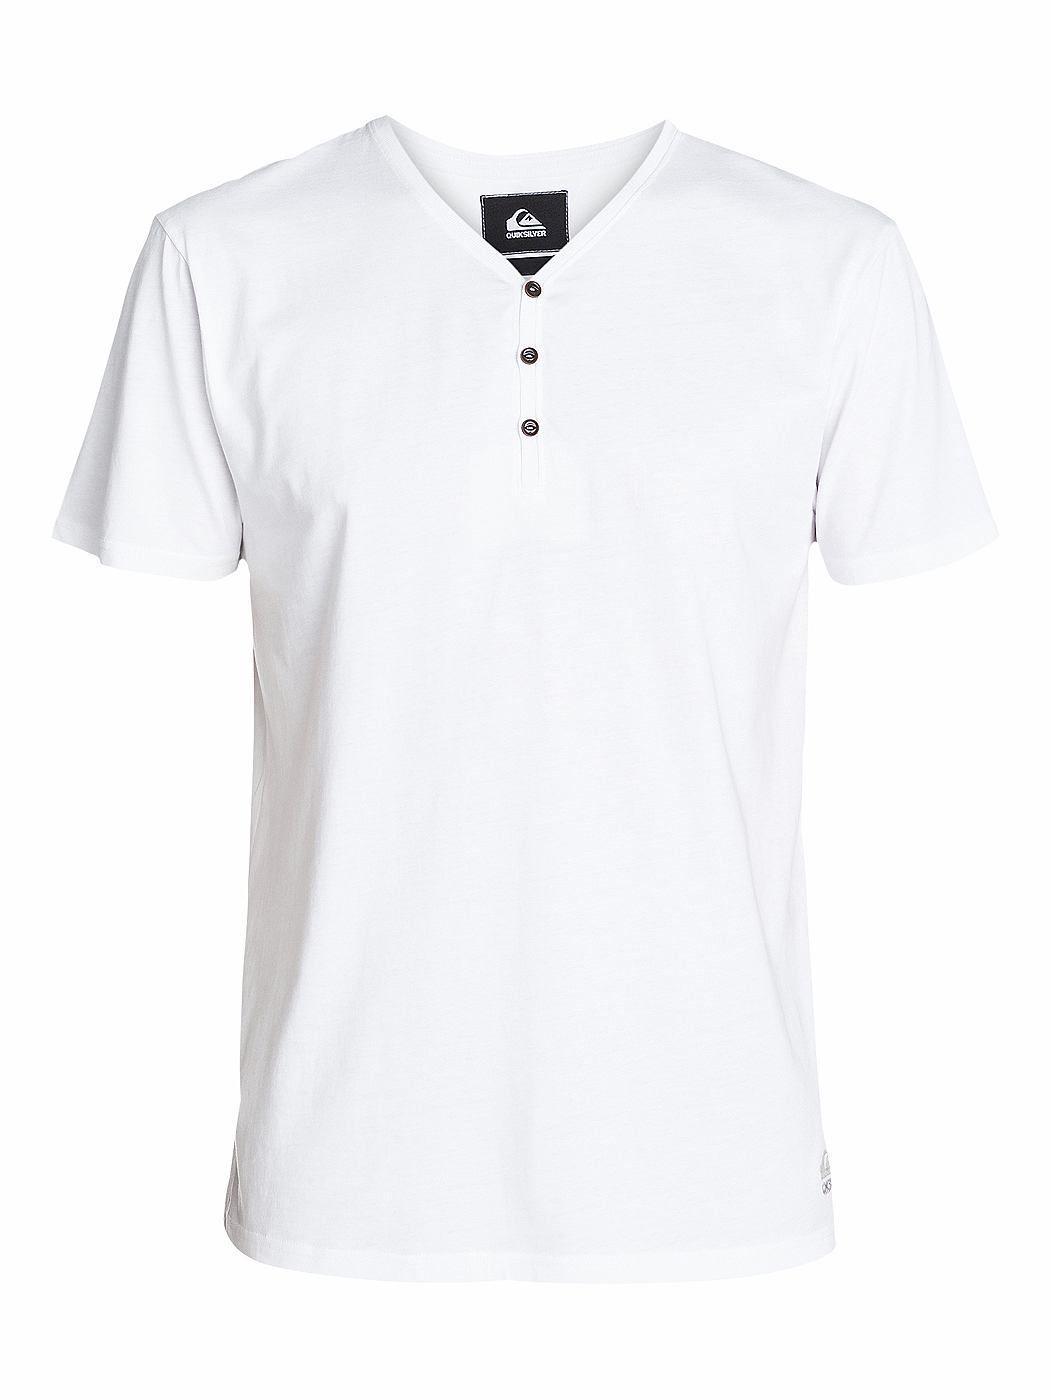 Shadow Kaibab - Kurzarm-T-Shirt für Männer  Wir sind stolz, dir das Shadow Kaibab von Quiksilver präsentieren zu können. Dieses T-Shirt ist Teil unserer erstklassigen Frühjahrskollektion 2015 und kommt mit folgenden Features: Baumwoll-Jersey, Stückfärbung und V-Ausschnitt mit Knopfleiste.  Merkmale:  Kurzarm-T-Shirt, Baumwoll-Jersey, Stückfärbung, V-Ausschnitt mit Knopfleiste, Leichtes Material...